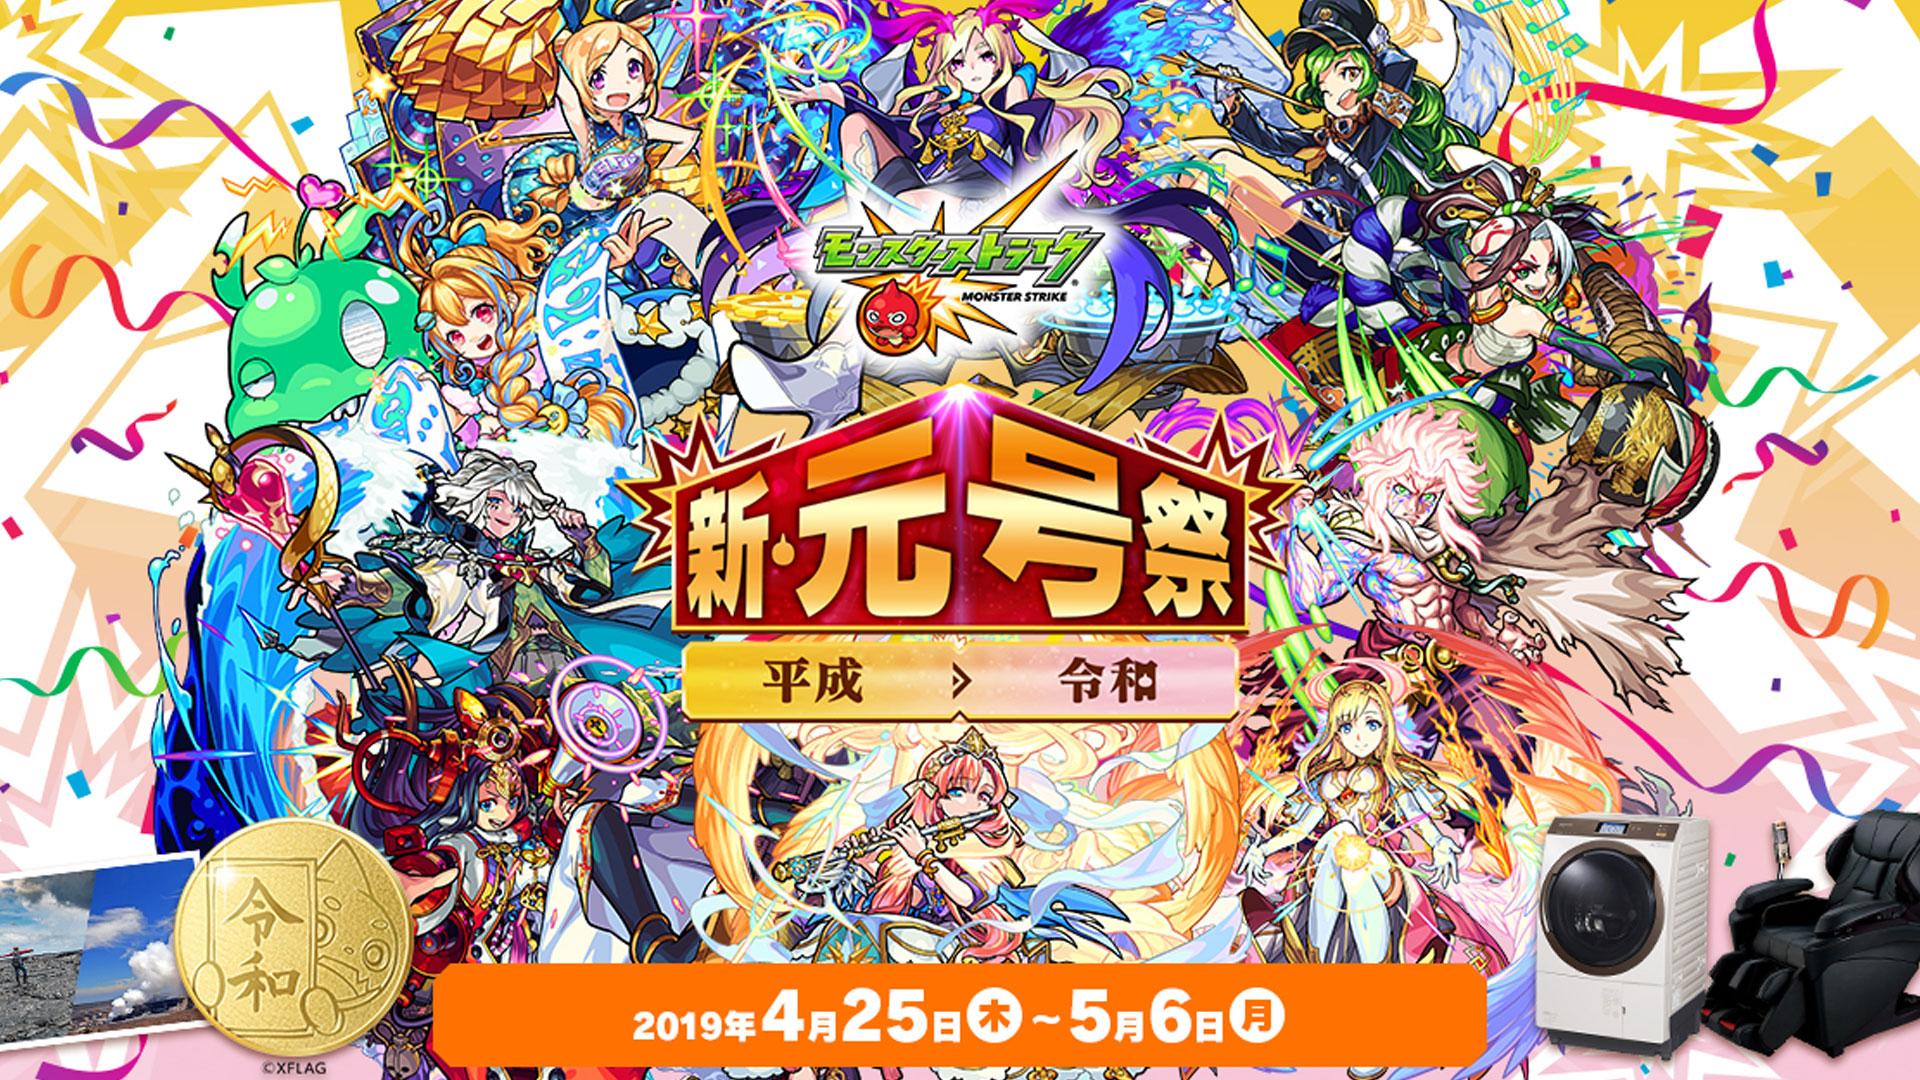 【モンストでGW企画「平成→令和!新・元号祭」】他、新着トレンド4月26日